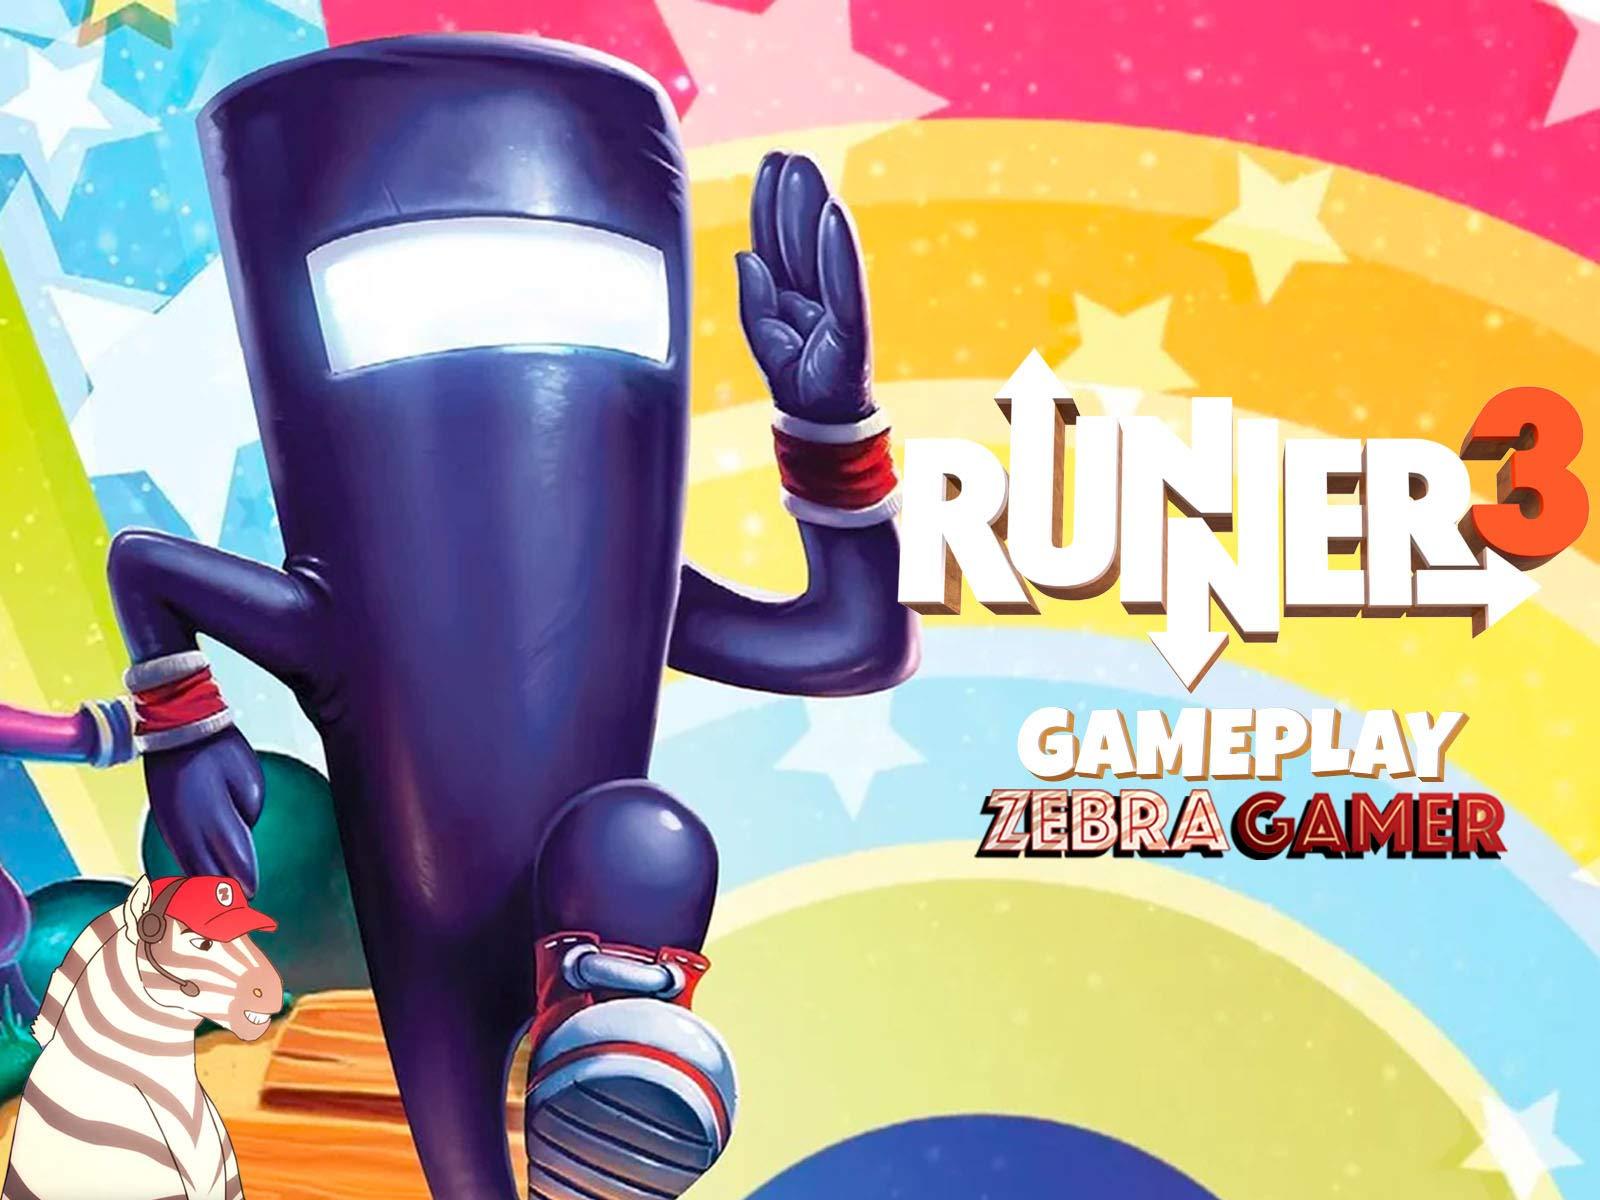 Clip: Runner3 Gameplay - Zebra Gamer - Season 1